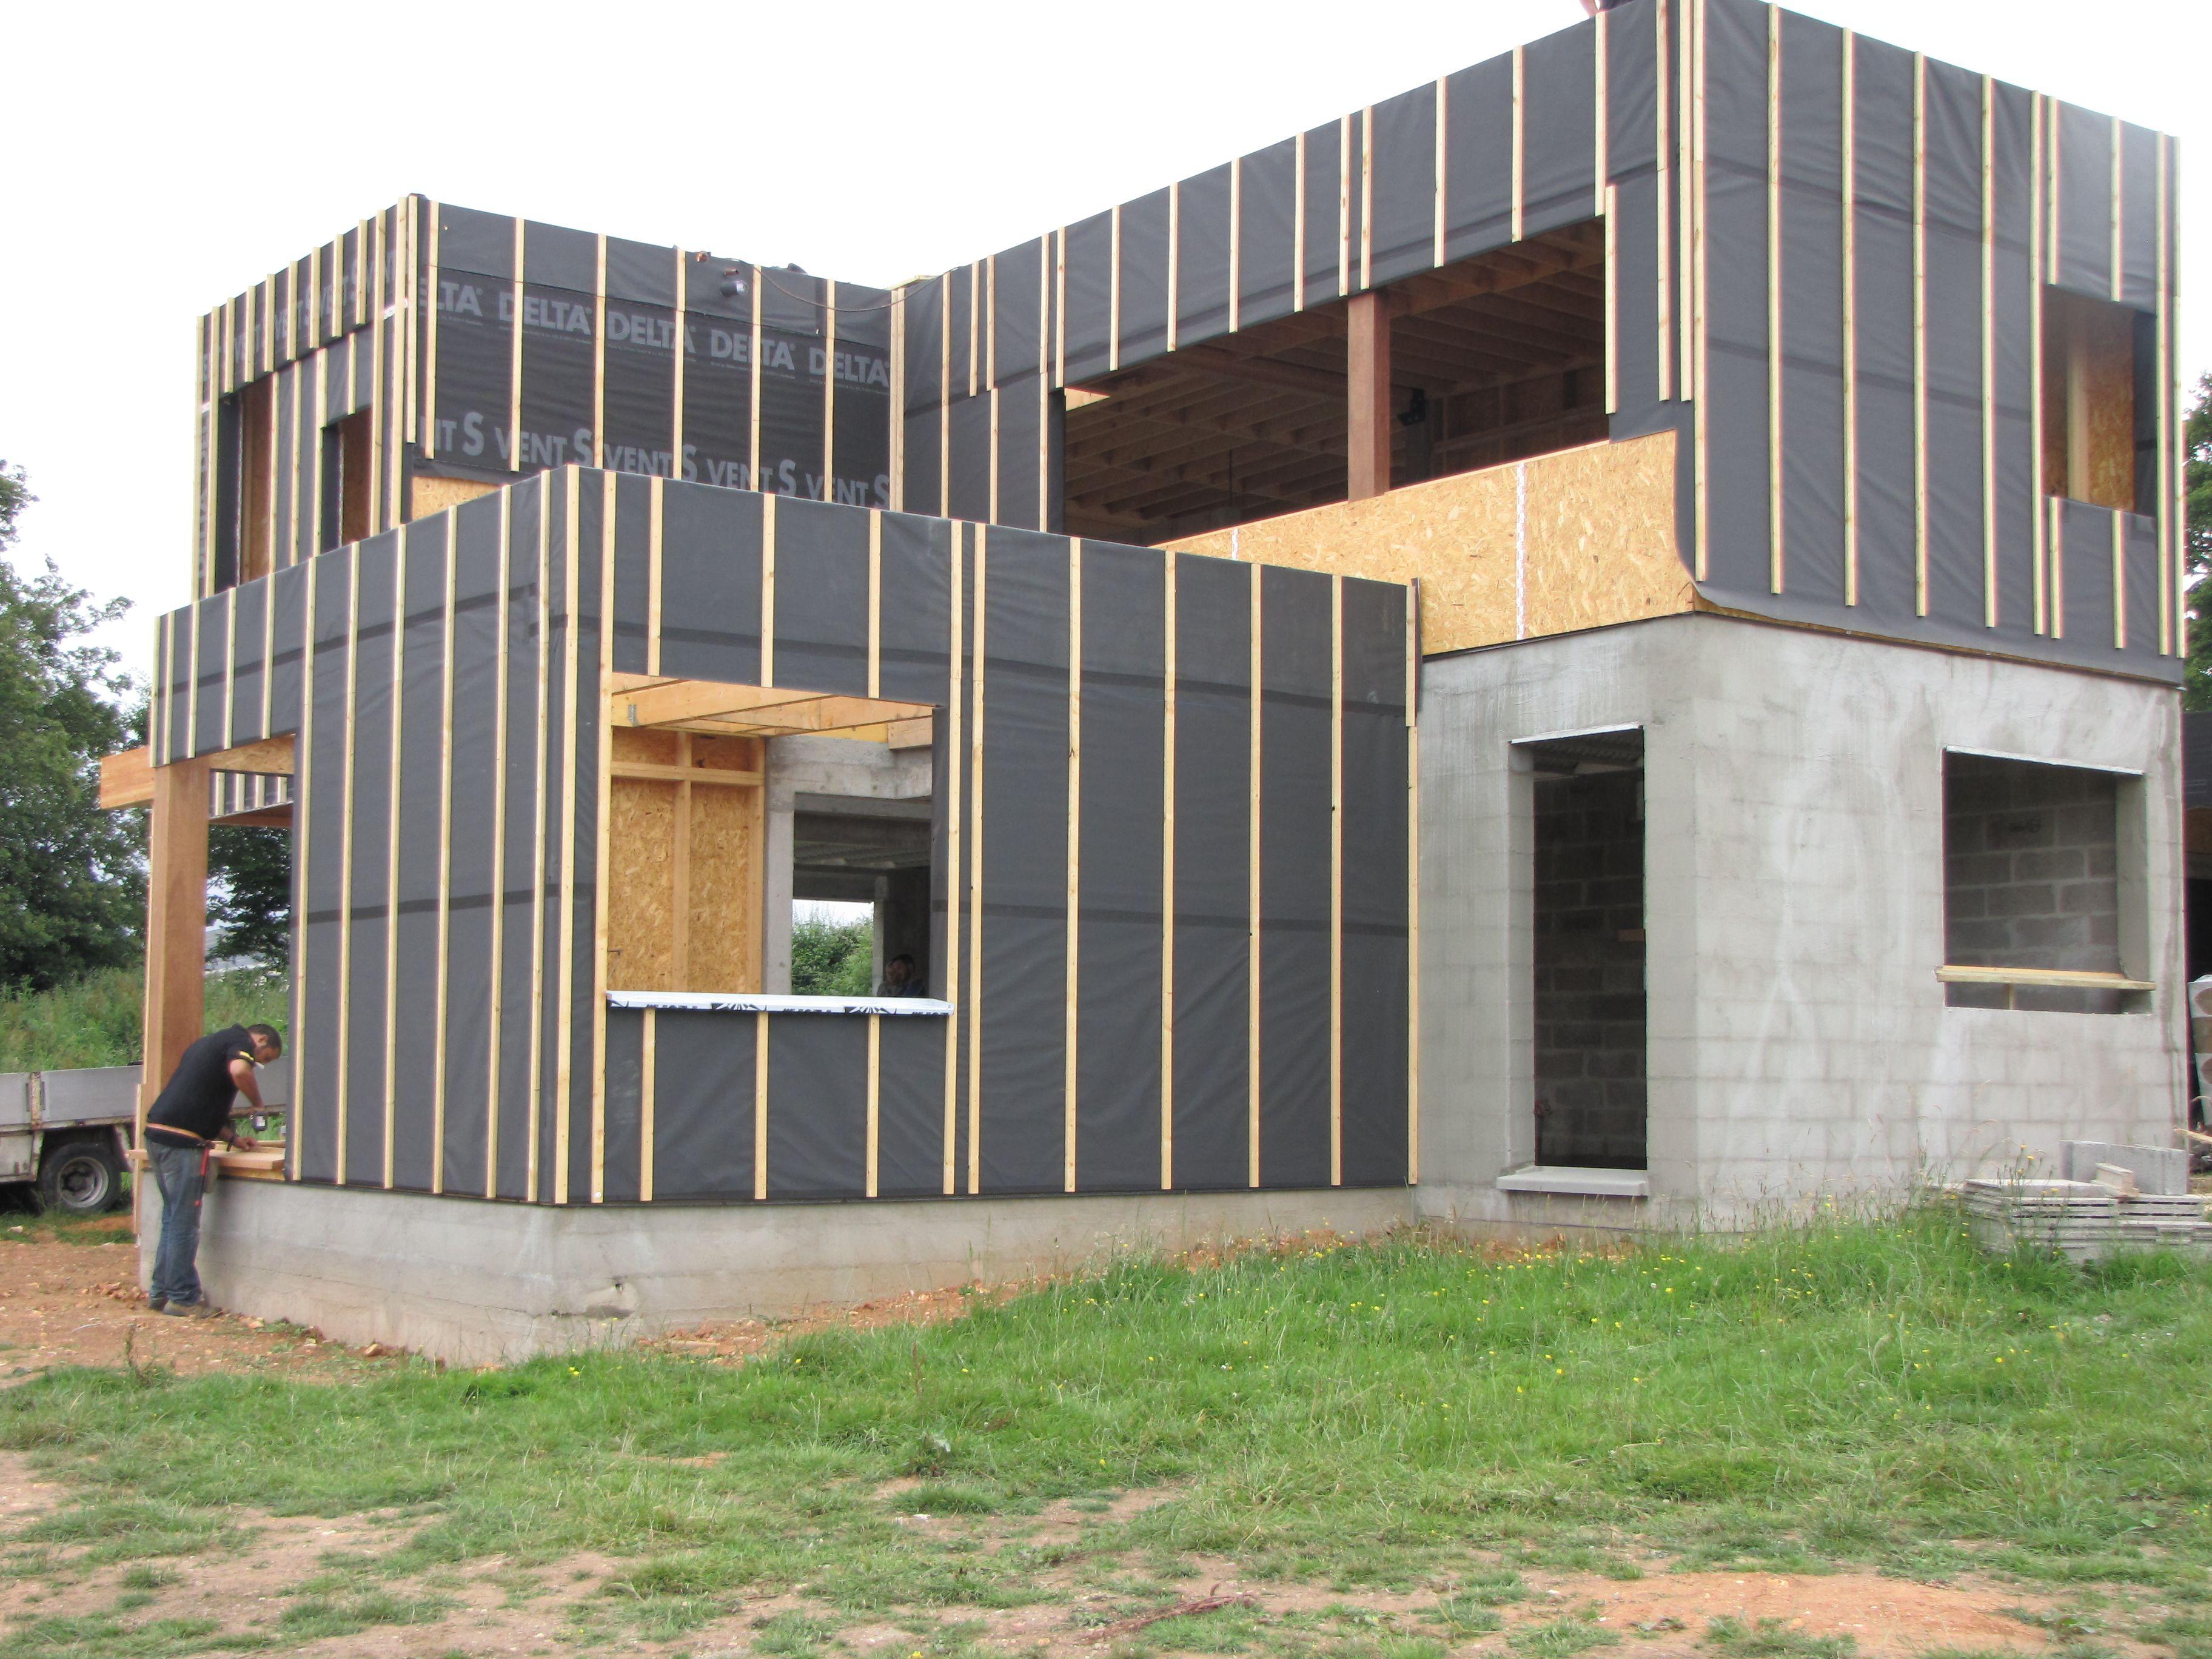 Constructeur Maison Ossature Bois 76 maison ossature bois rouen www.pesqueux-charpente.fr